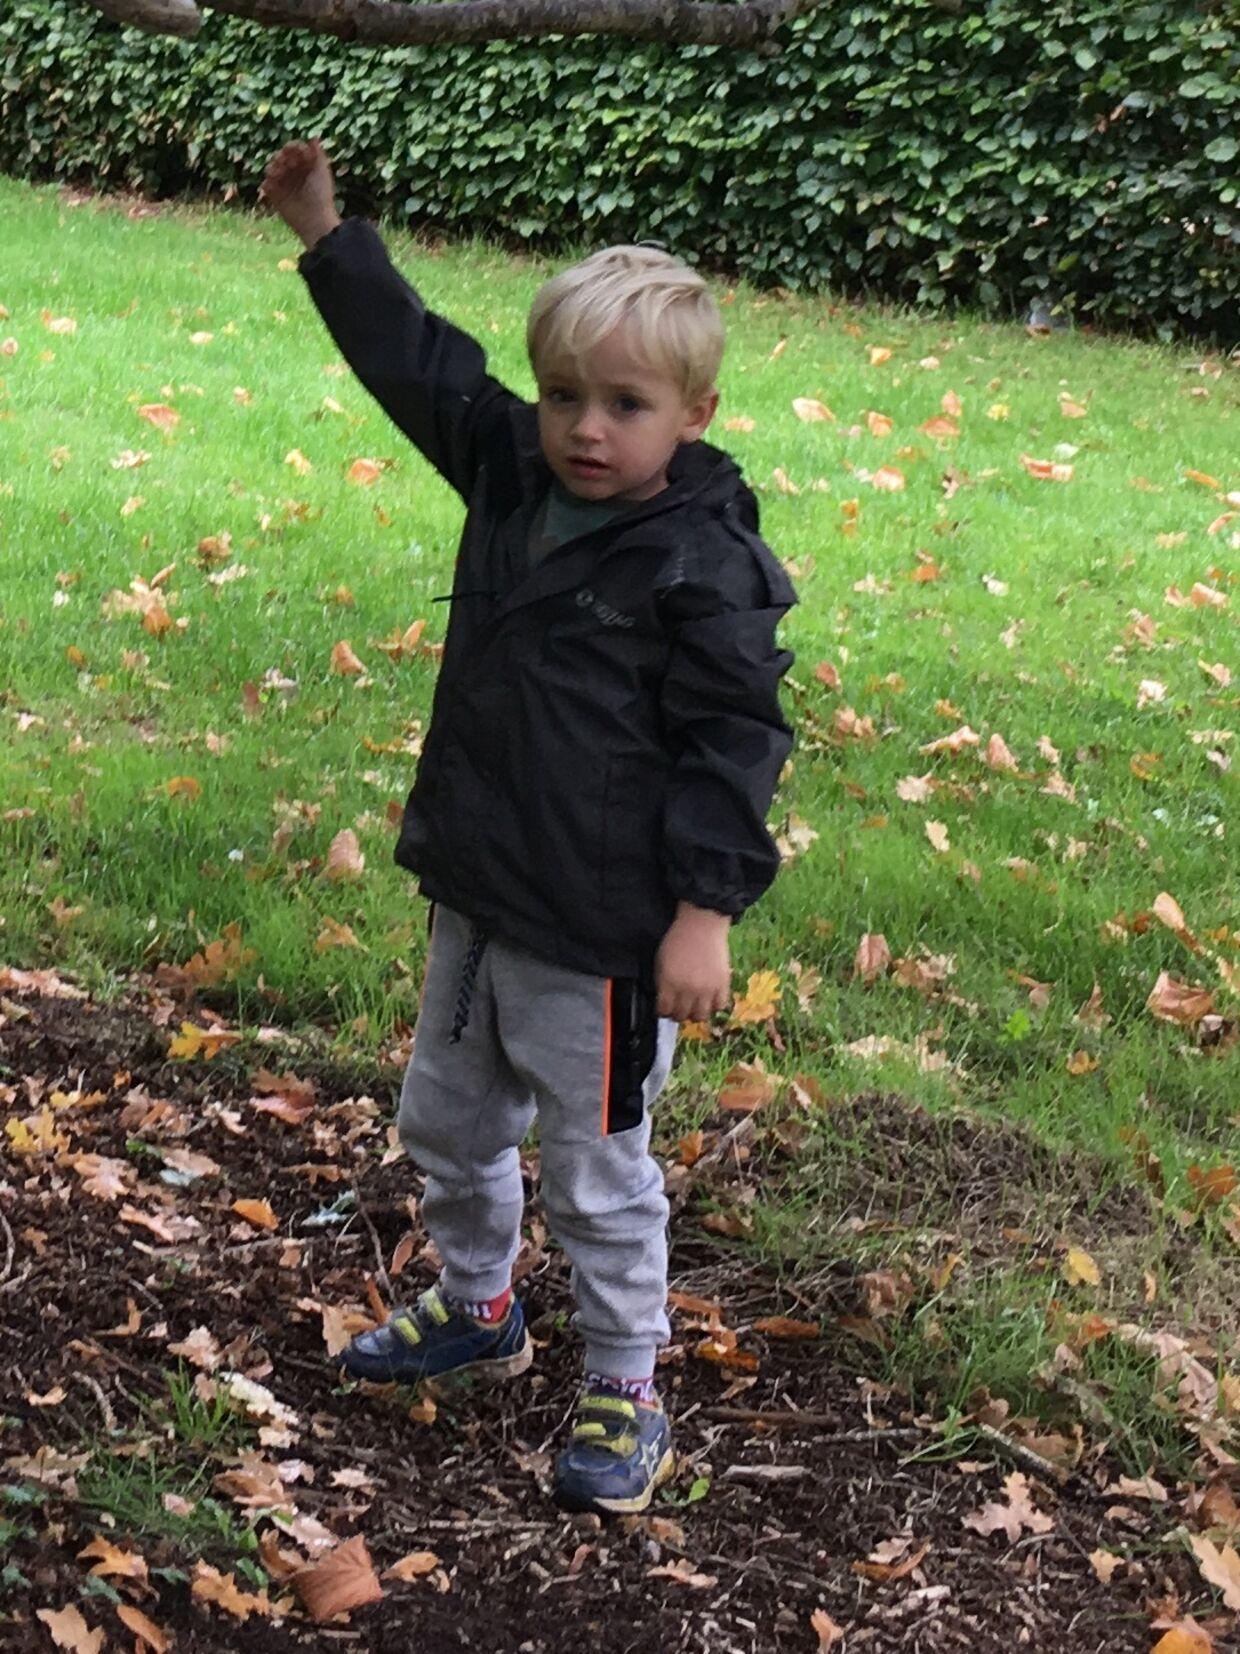 Ole Christiansen fra Nørresundby fik et chok, da hans treårige søn, Philip, forleden - i al hast - blev kørt til Giftlinjen på Aalborg Sygehus efter at have spist frø fra et stort træ i børnehaven.